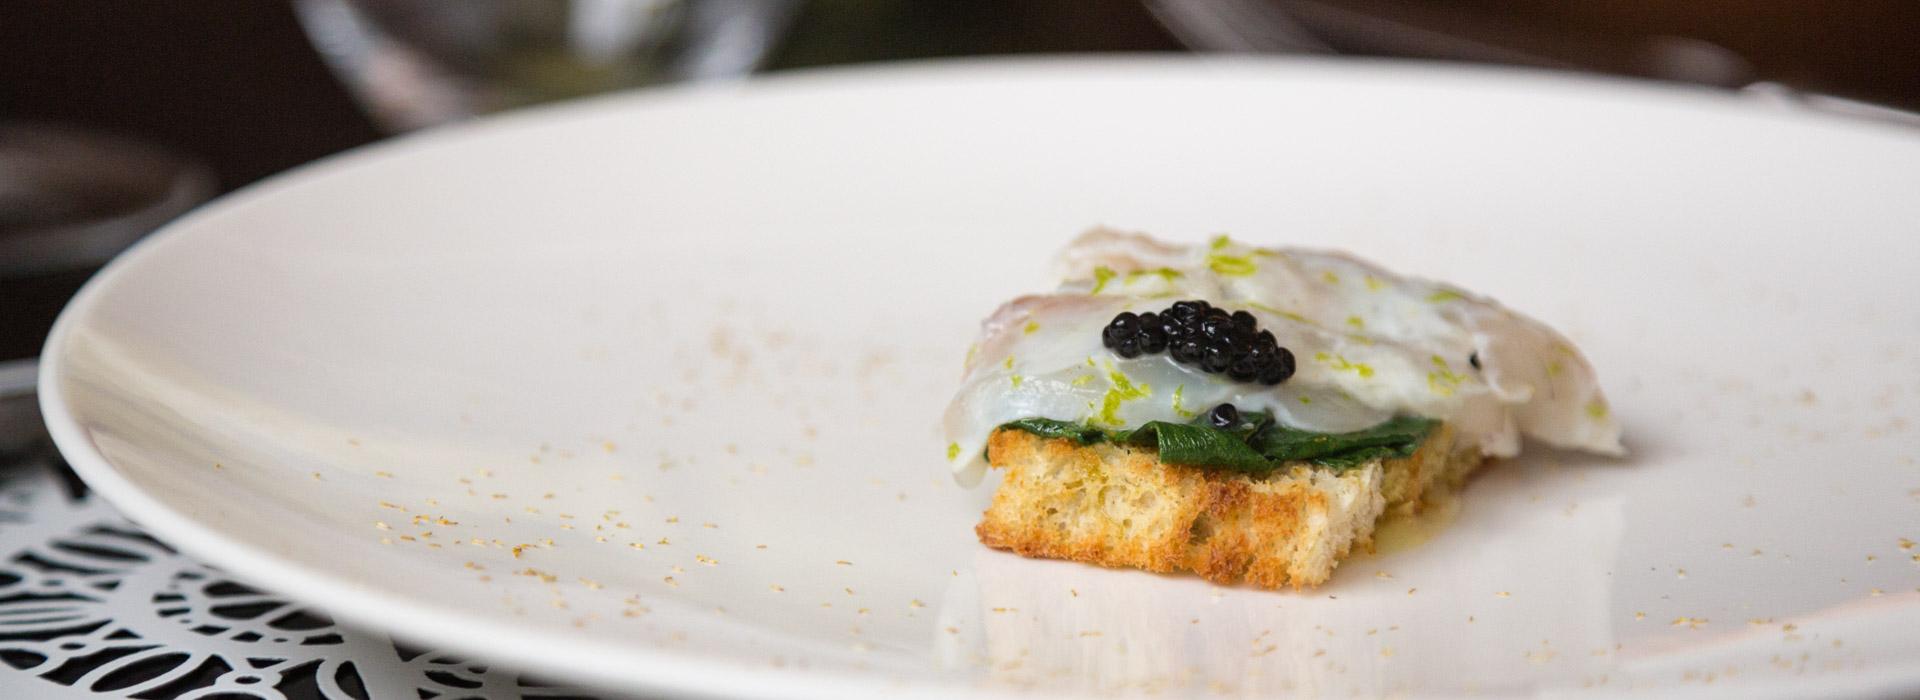 Scuola di cucina Puglia | Pasha ristorante Conversano Puglia